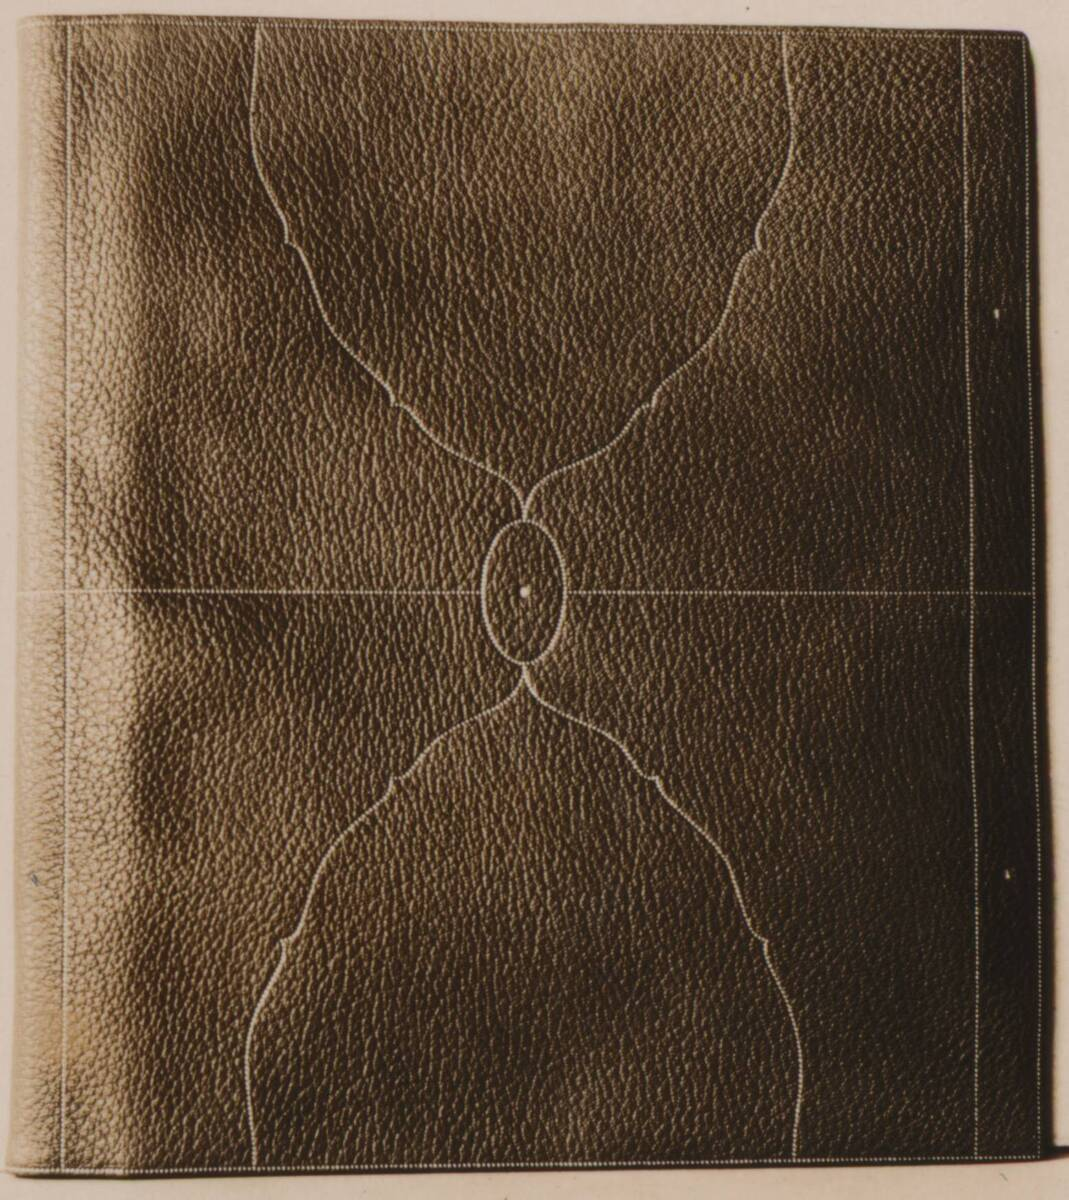 Fotografie eines Bucheinbandes nach Entwurf von Josef Hoffmann, ausgeführt von der Wiener Werkstätte (vom Bearbeiter vergebener Titel) von Tafill, Adolf